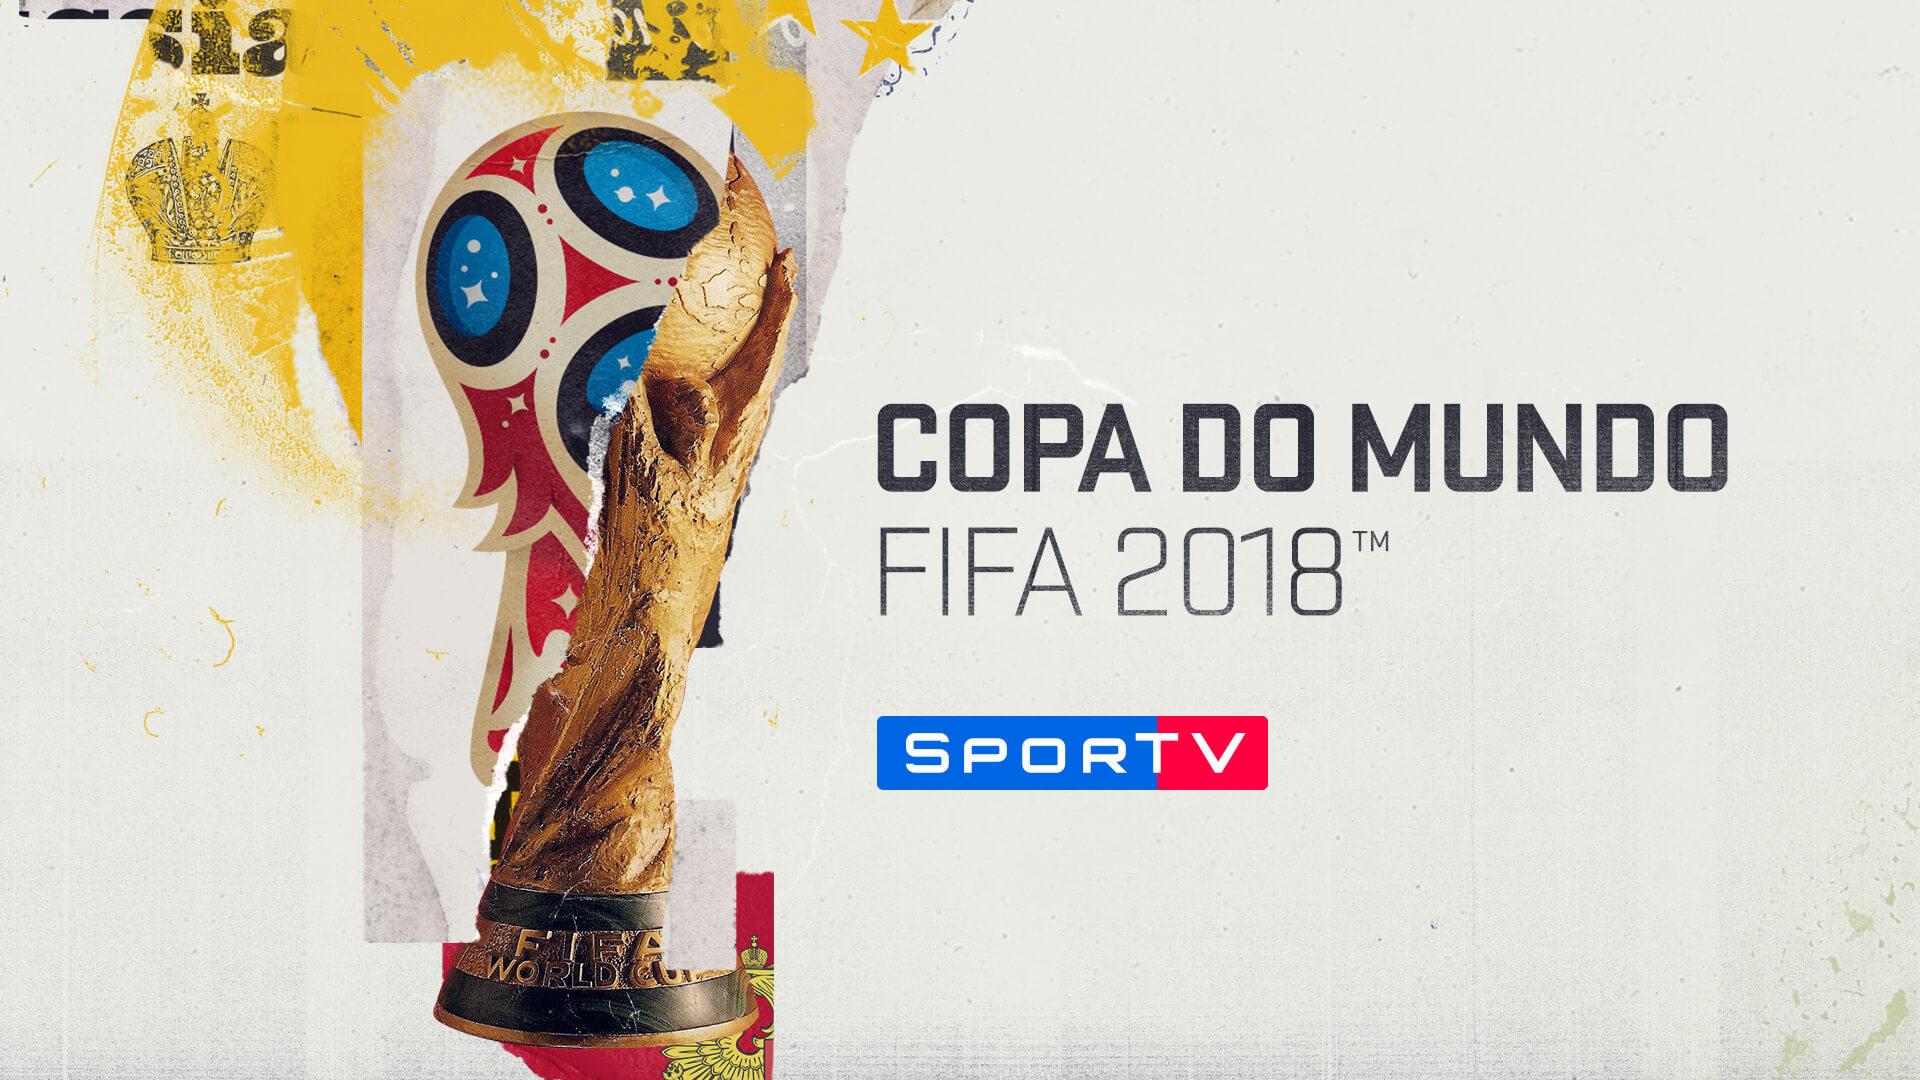 SporTV Copa do Mundo 2018